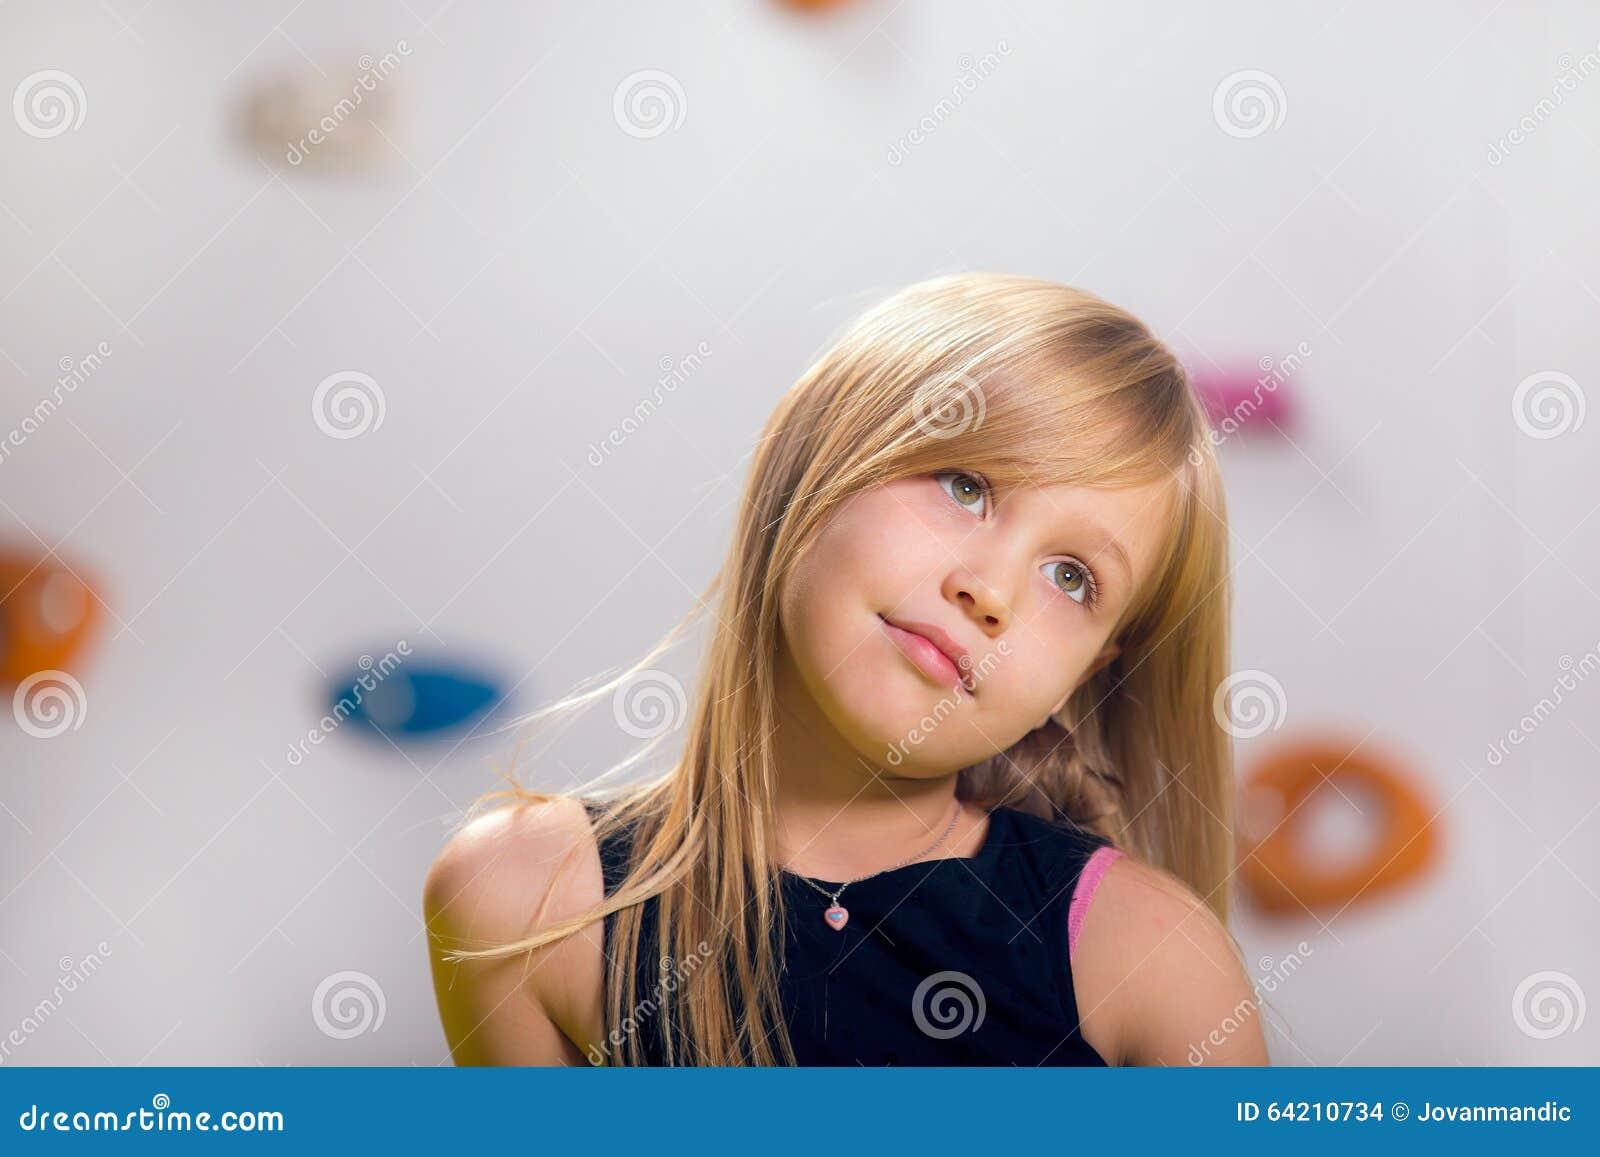 La niña que presenta en una sala de juegos